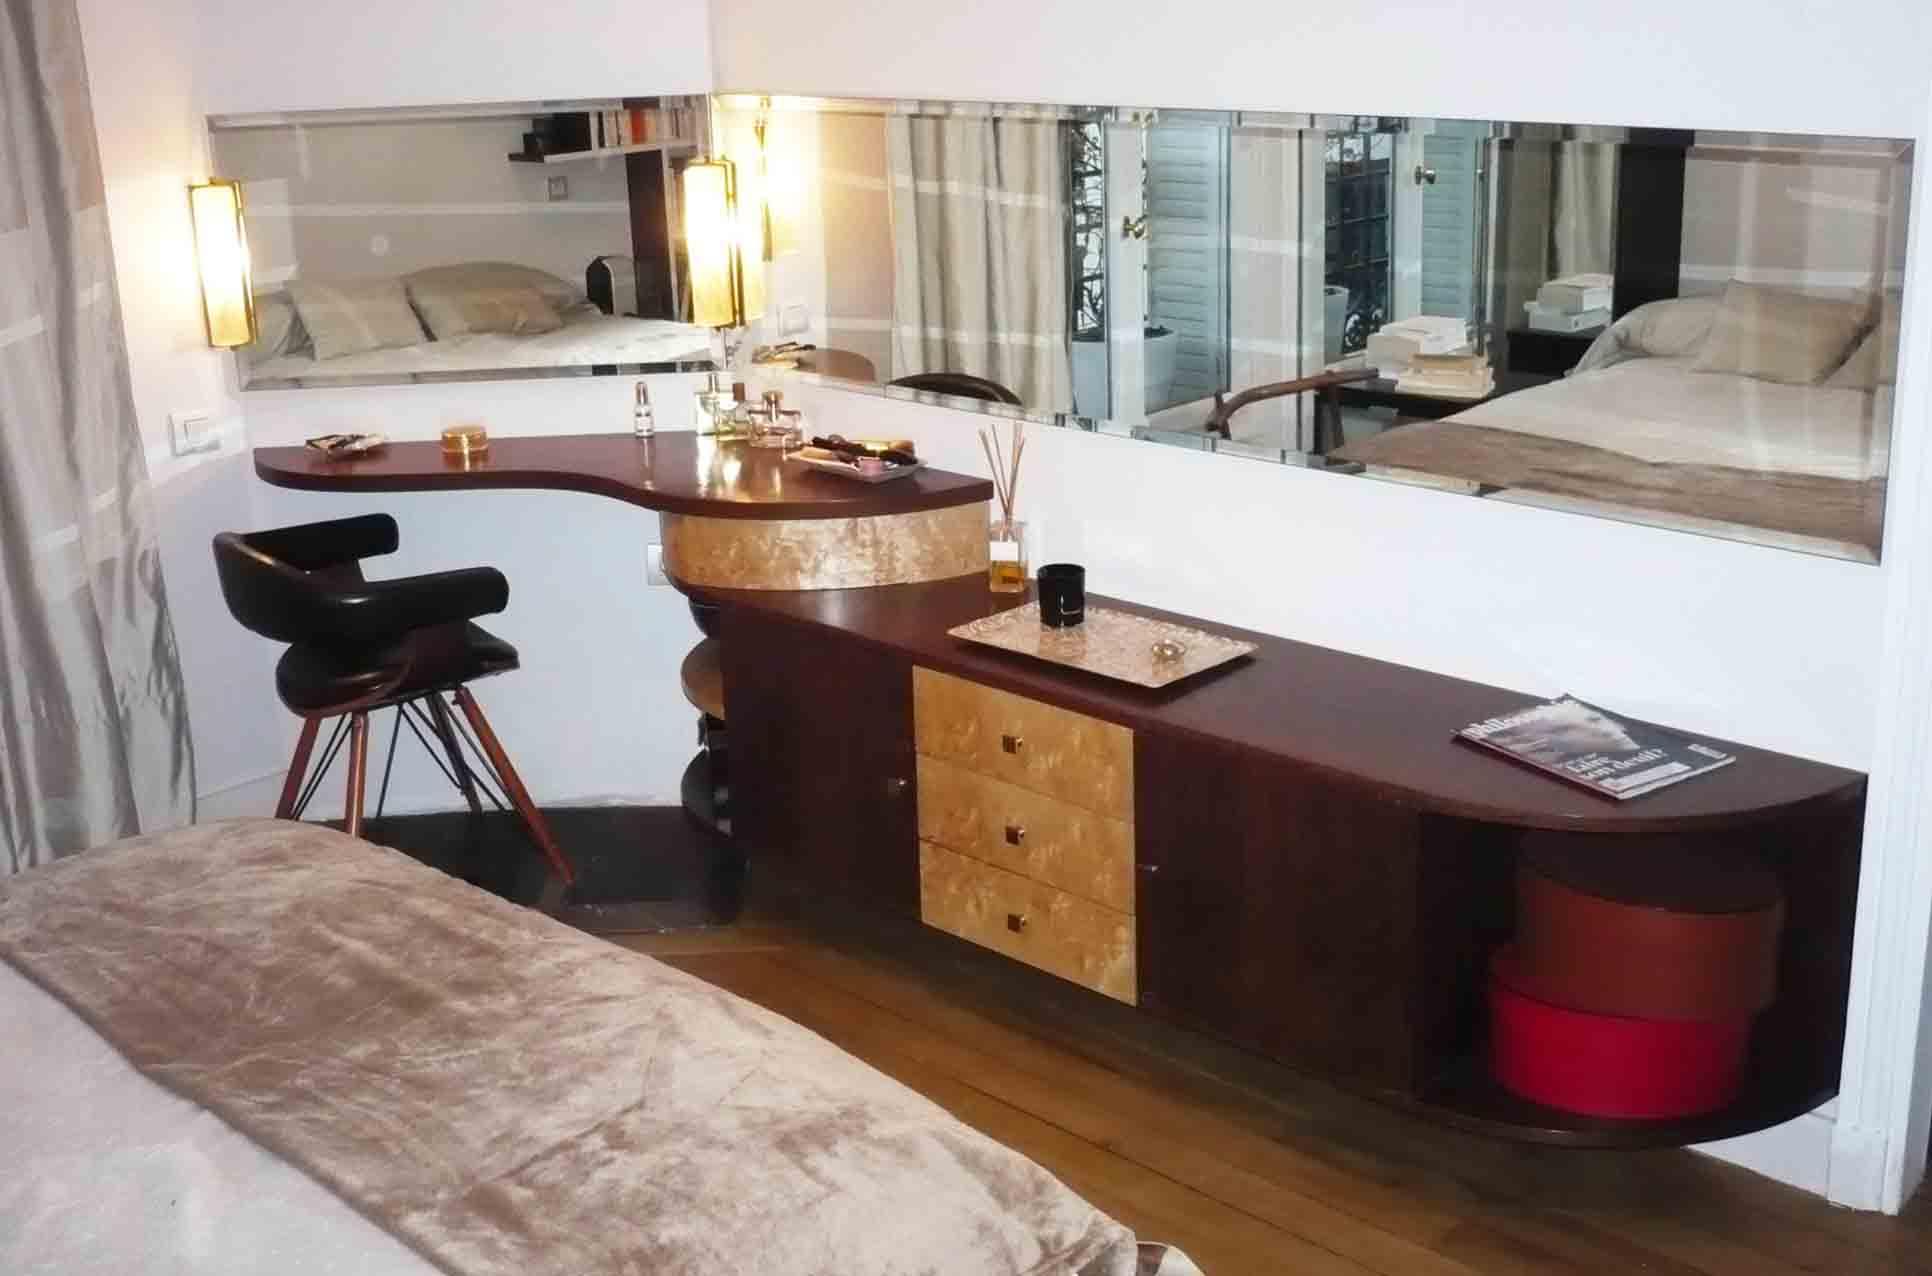 B niste cr ateur fabricant de mobilier contemporain sur for Atelier du meuble contemporain